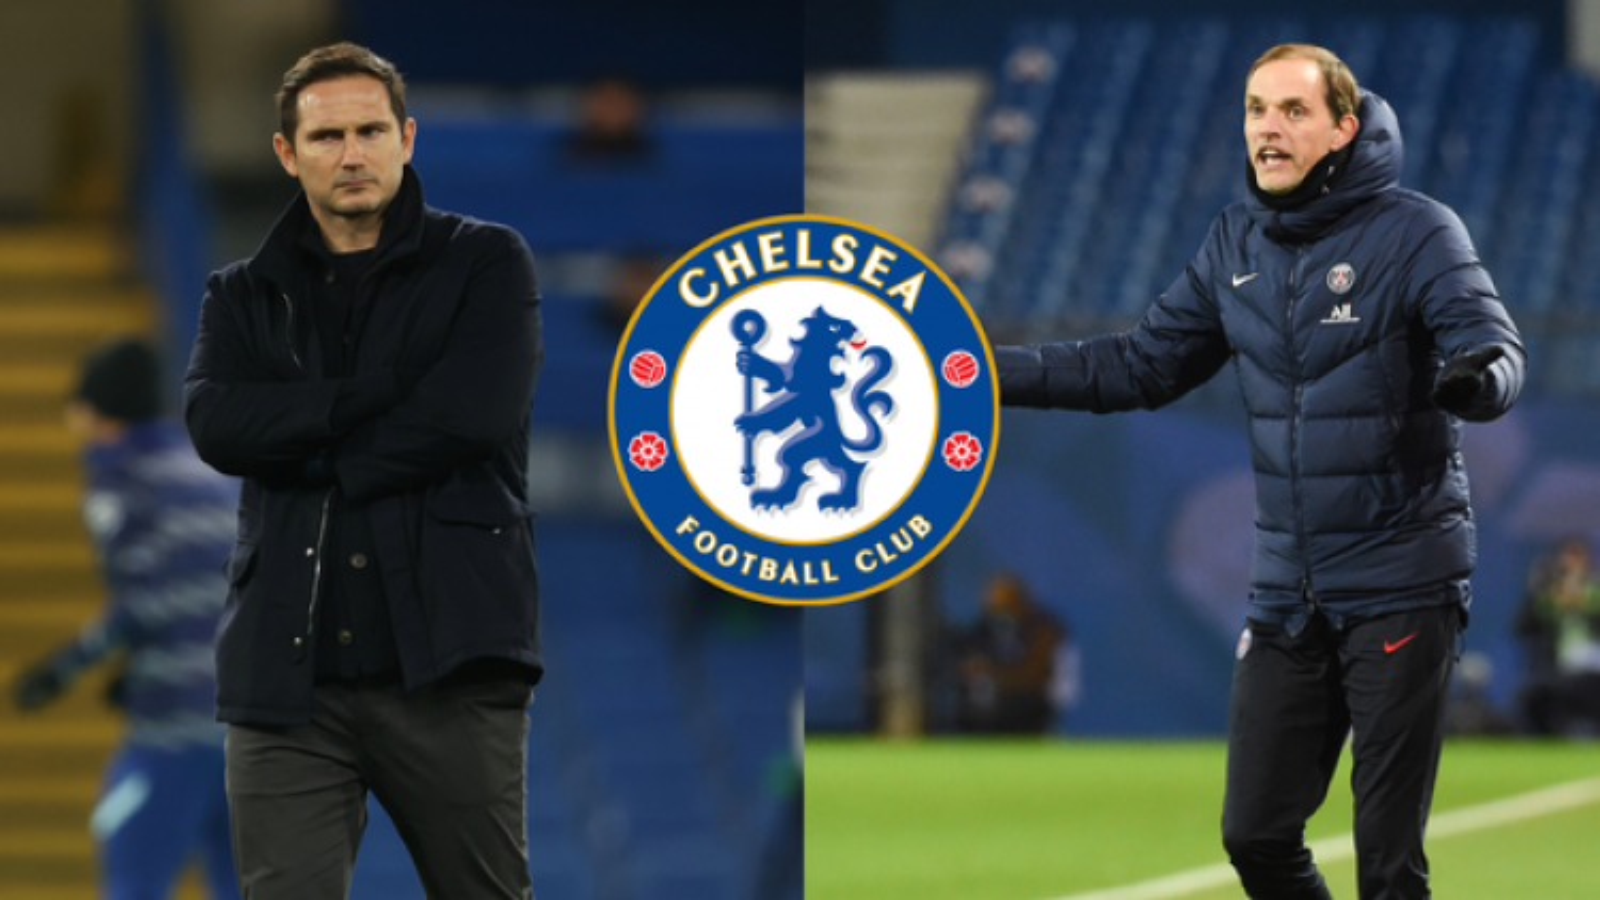 Tiết lộ: Chelsea sa thải Frank Lampard, bổ nhiệm Thomas Tuchel